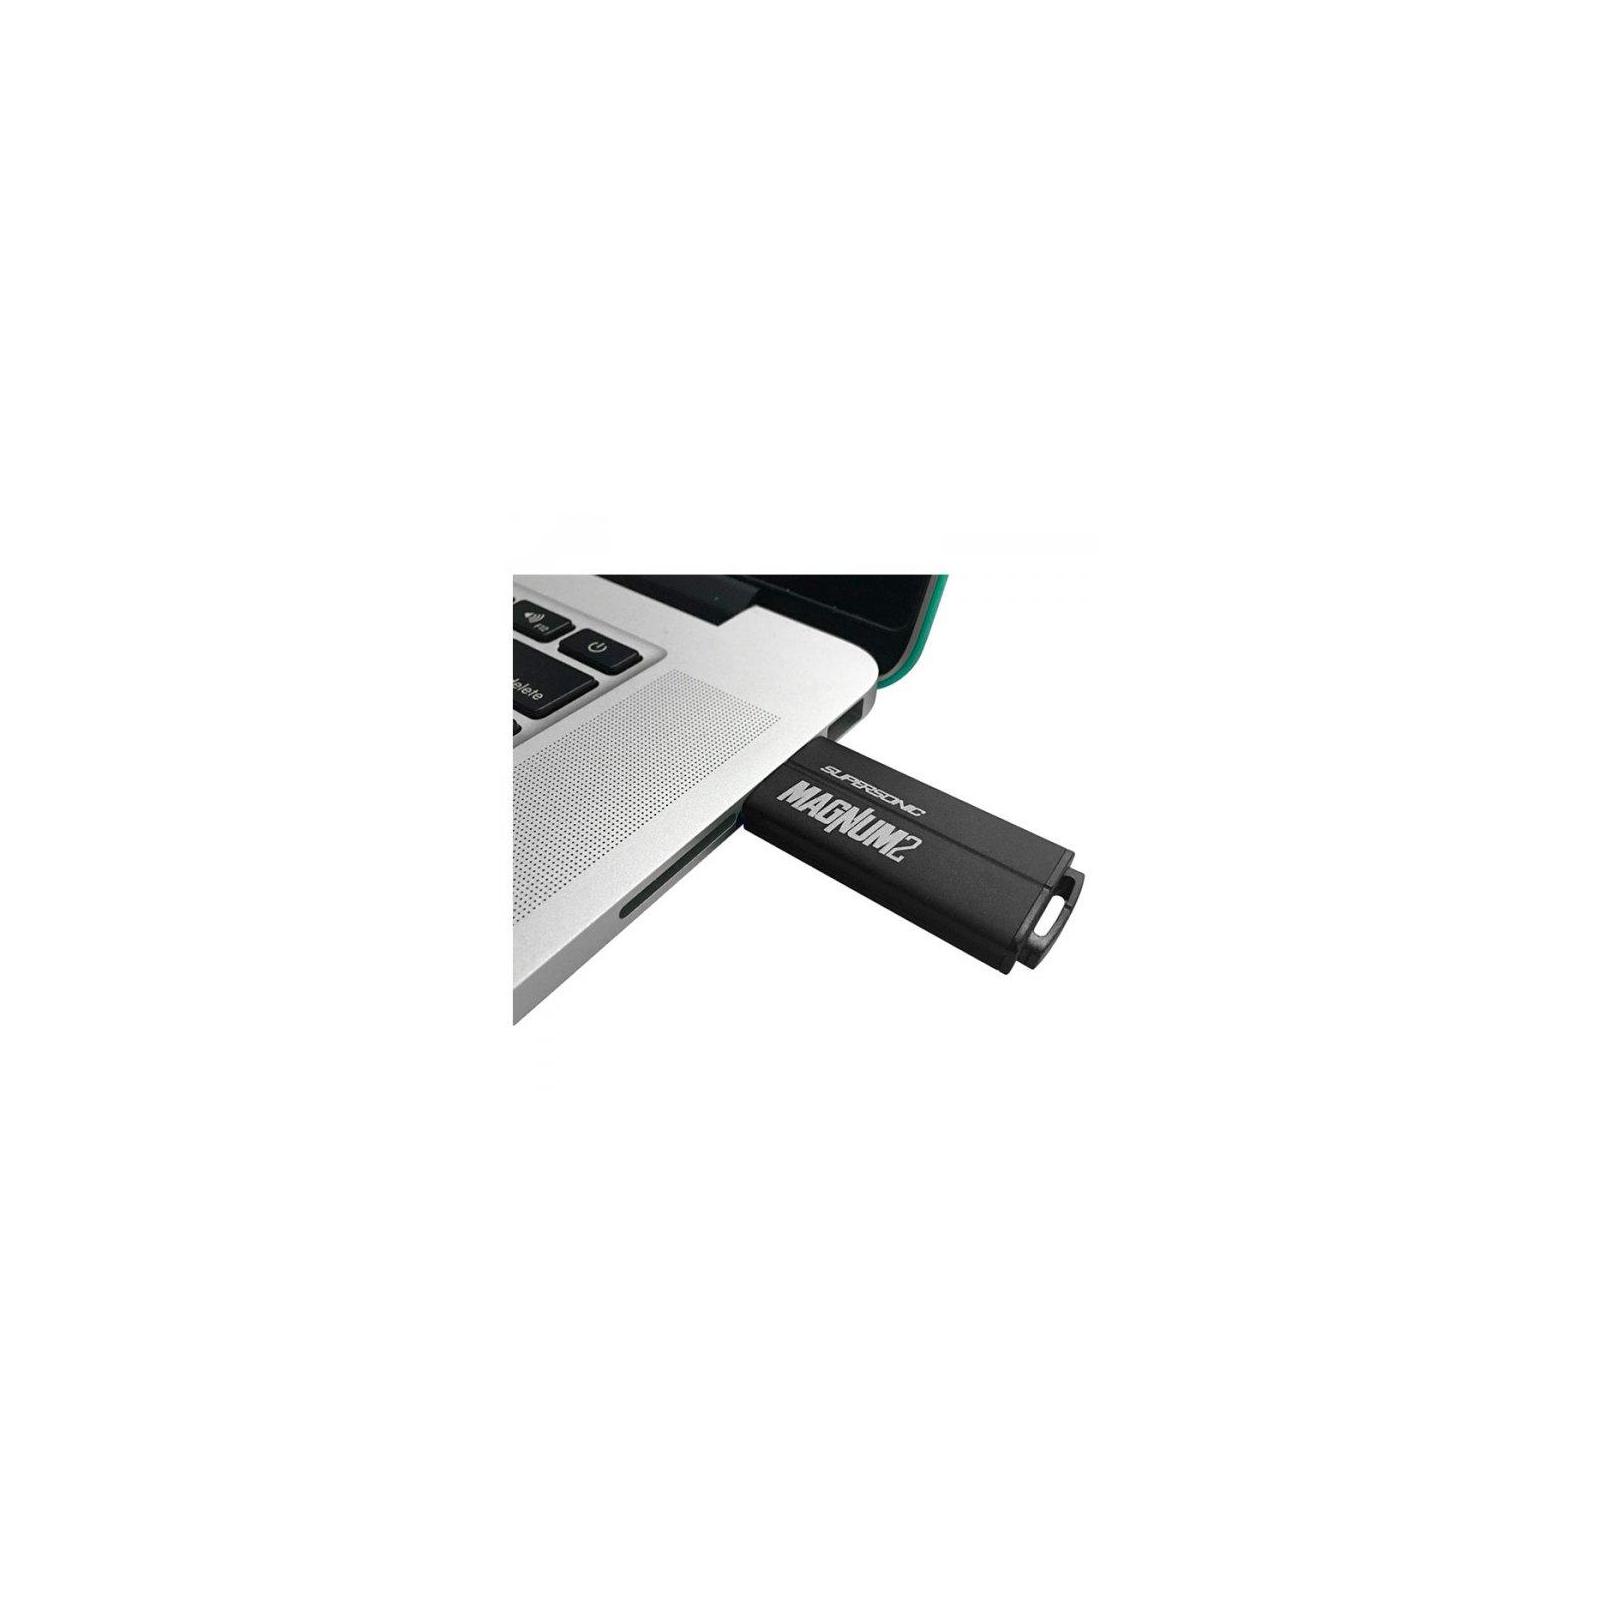 USB флеш накопитель Patriot 512GB Supersonic Magnum 2 USB 3.1 (PEF512GSMN2USB) изображение 2